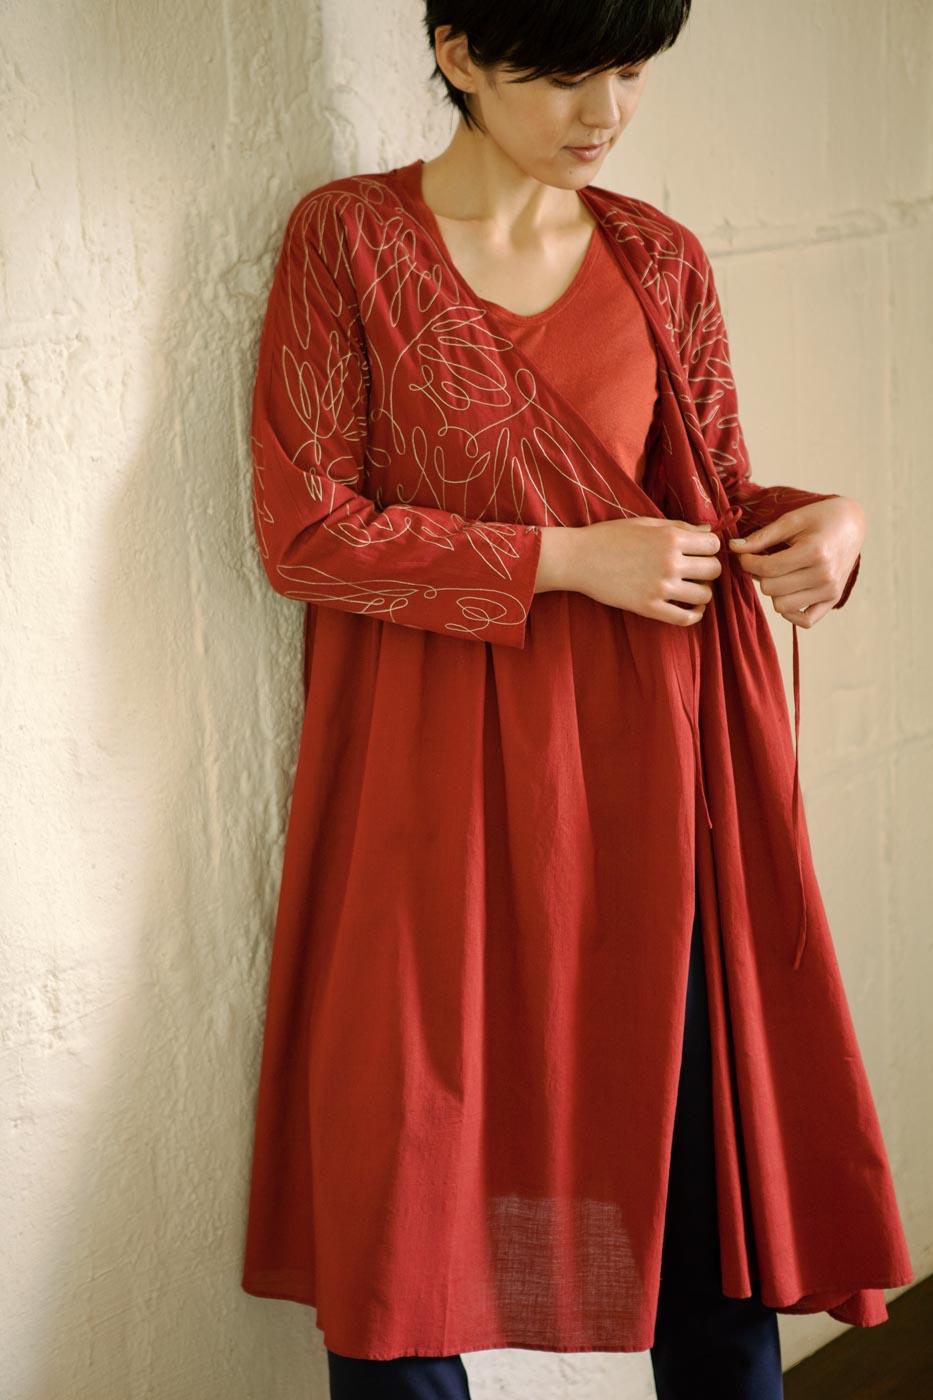 jurgenlehl emroidered dress